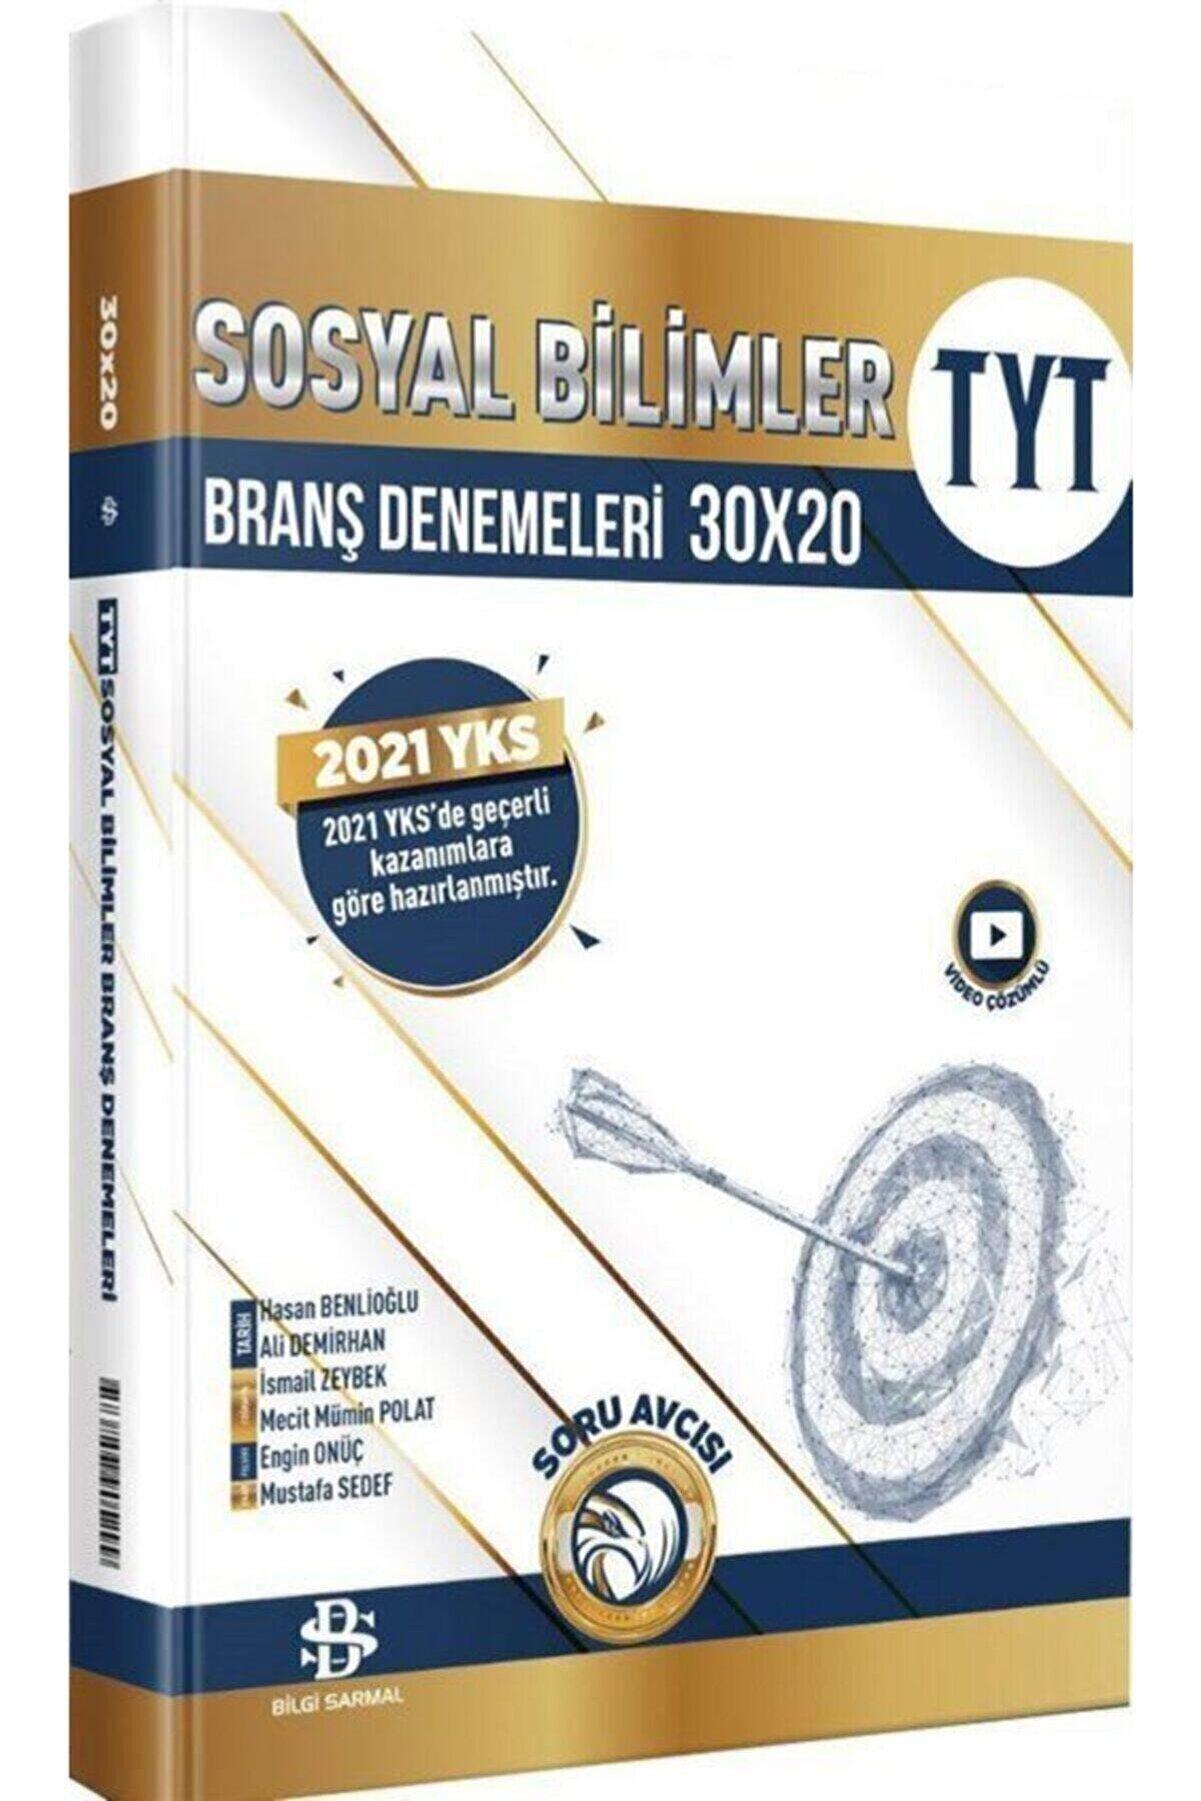 Bilgi Sarmal Tyt Sosyal 30x20 Branş Denemeleri